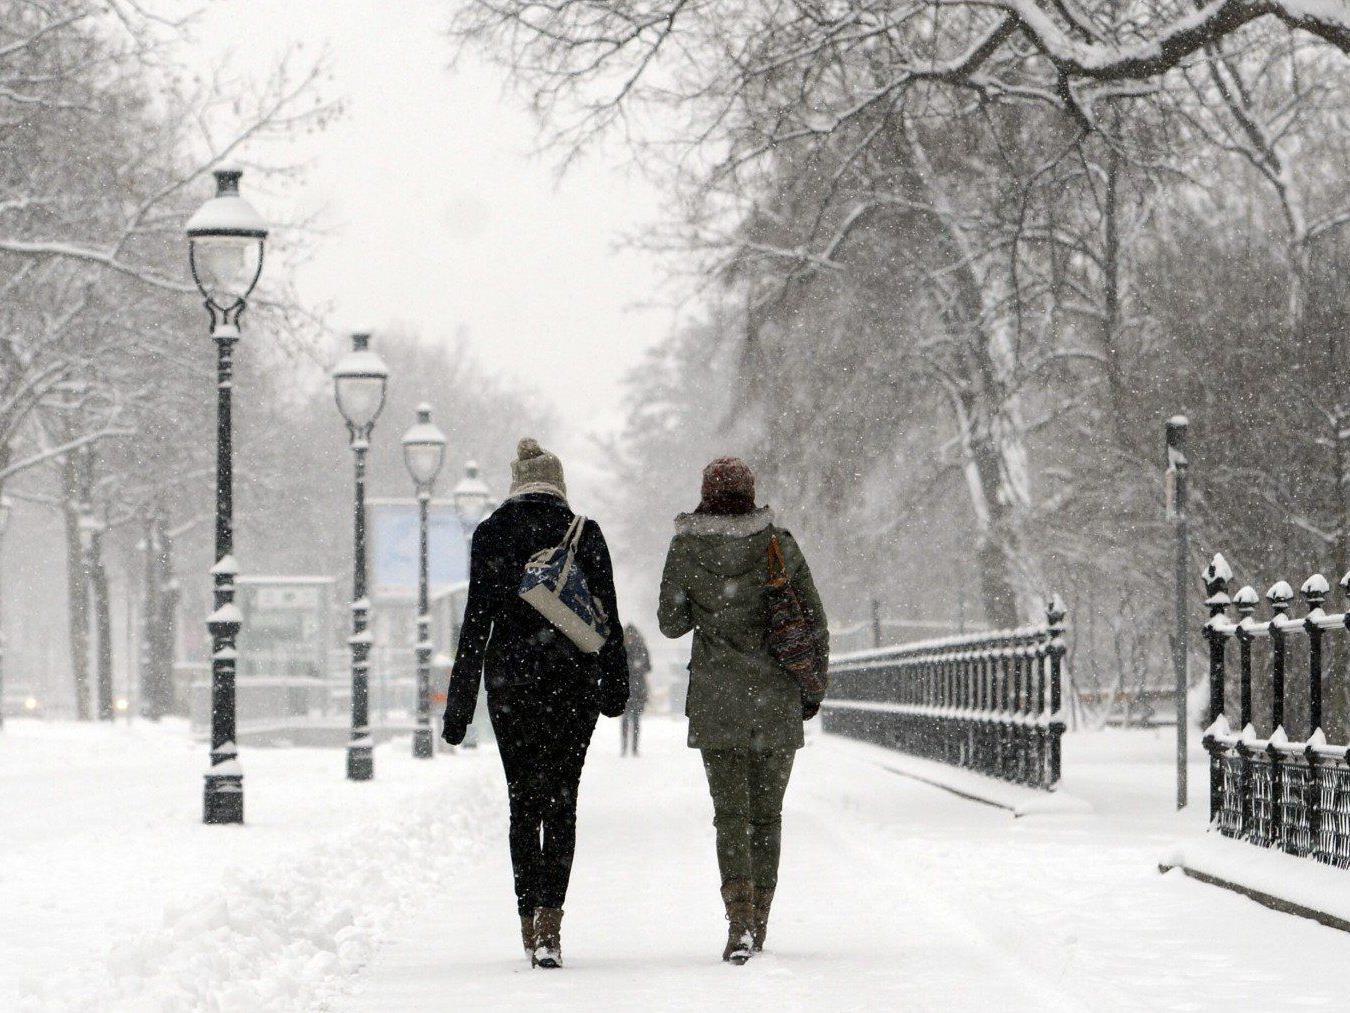 Auch nach Frühlingsbeginn bleibt es in Wien frostig. Schnee und Kälte werden auch in den kommenden Tagen erwartet.